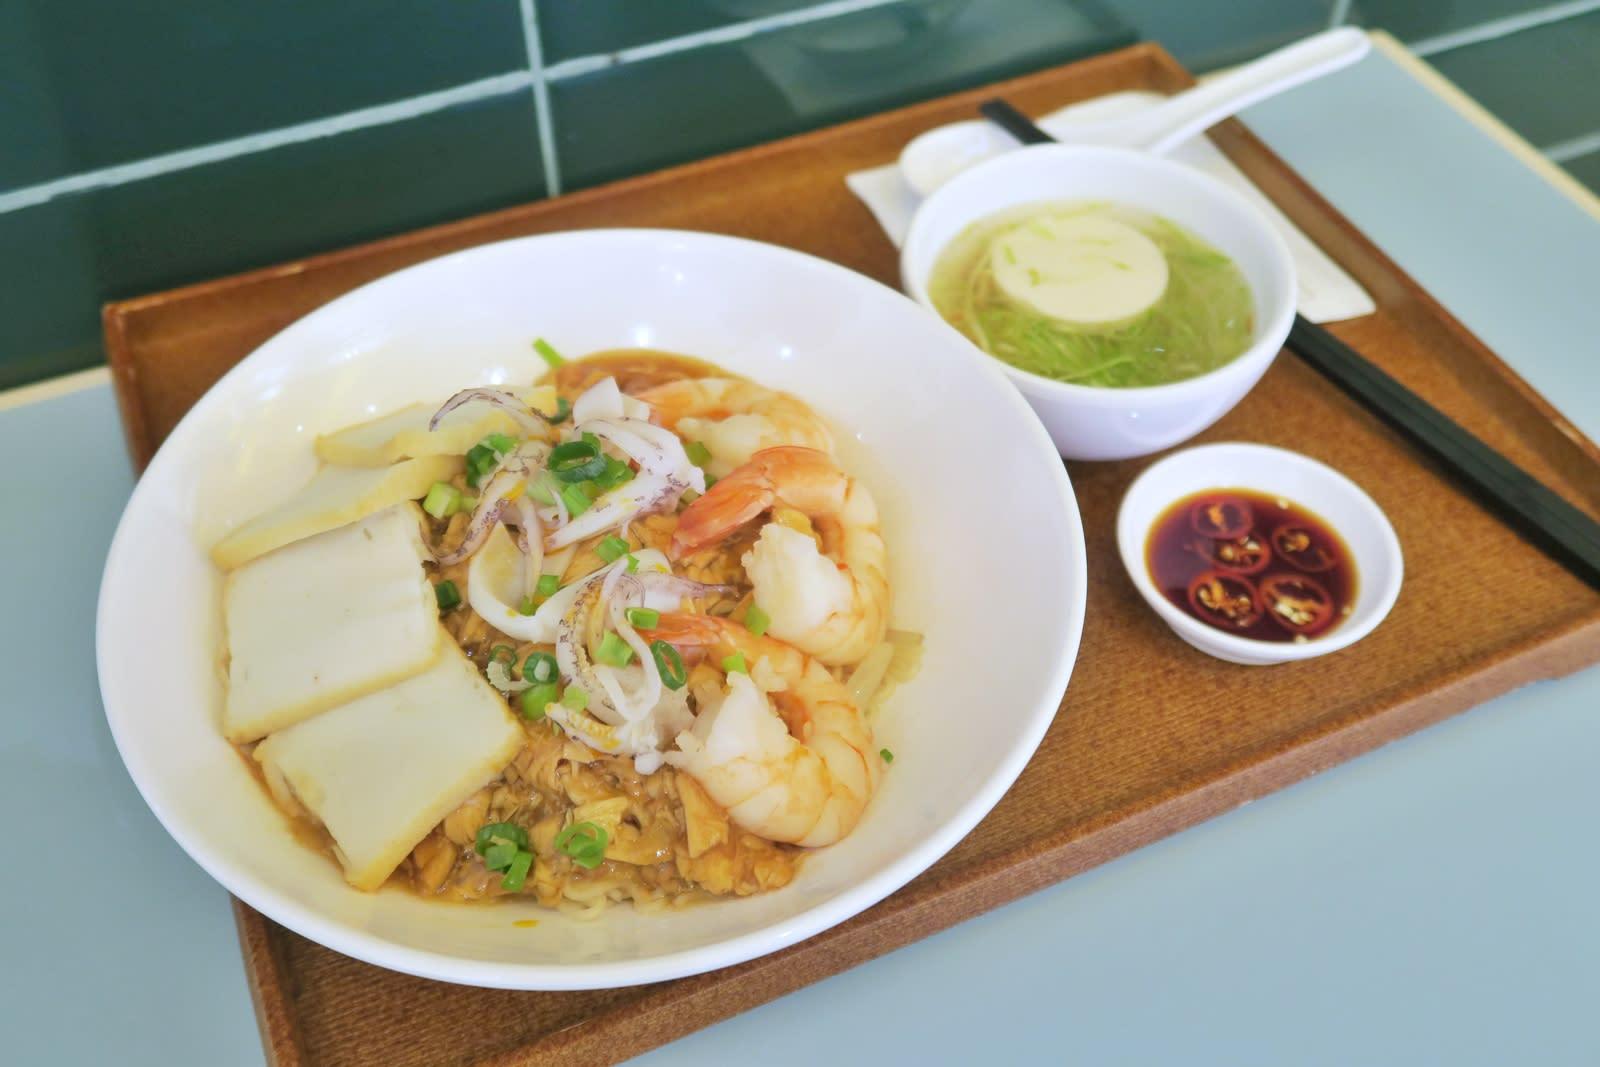 新加坡過江龍海南雞飯進駐港島 多款獨家限定 特色Kolo Mee乾撈麵